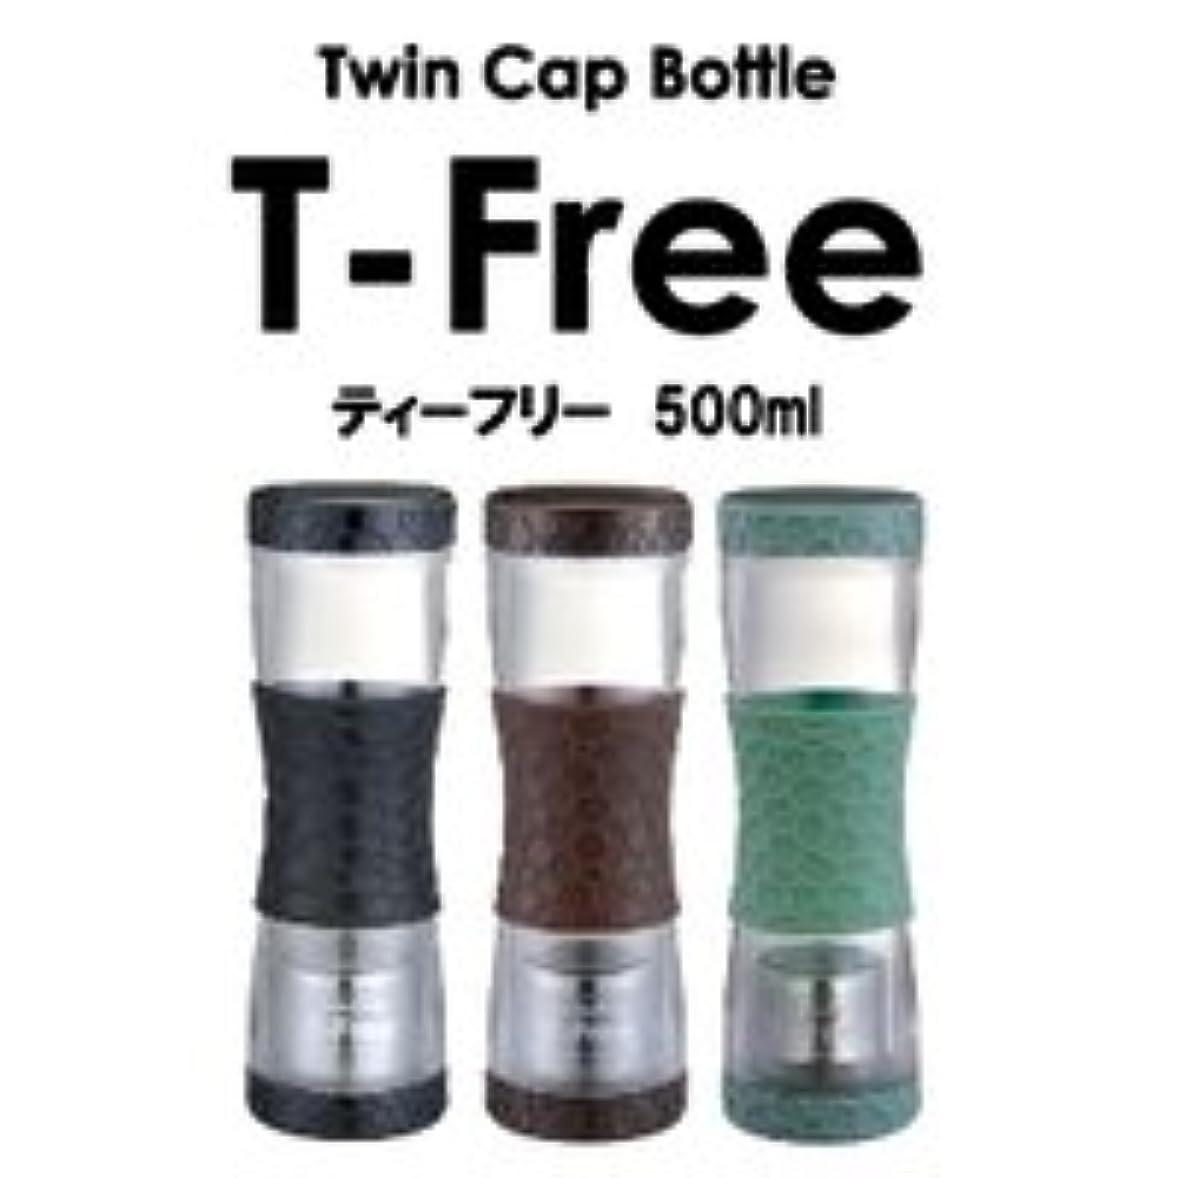 技術空サラミティーフリー500ml T-Free (カラー:グリーン) ※使い方自由なツインキャップボトル